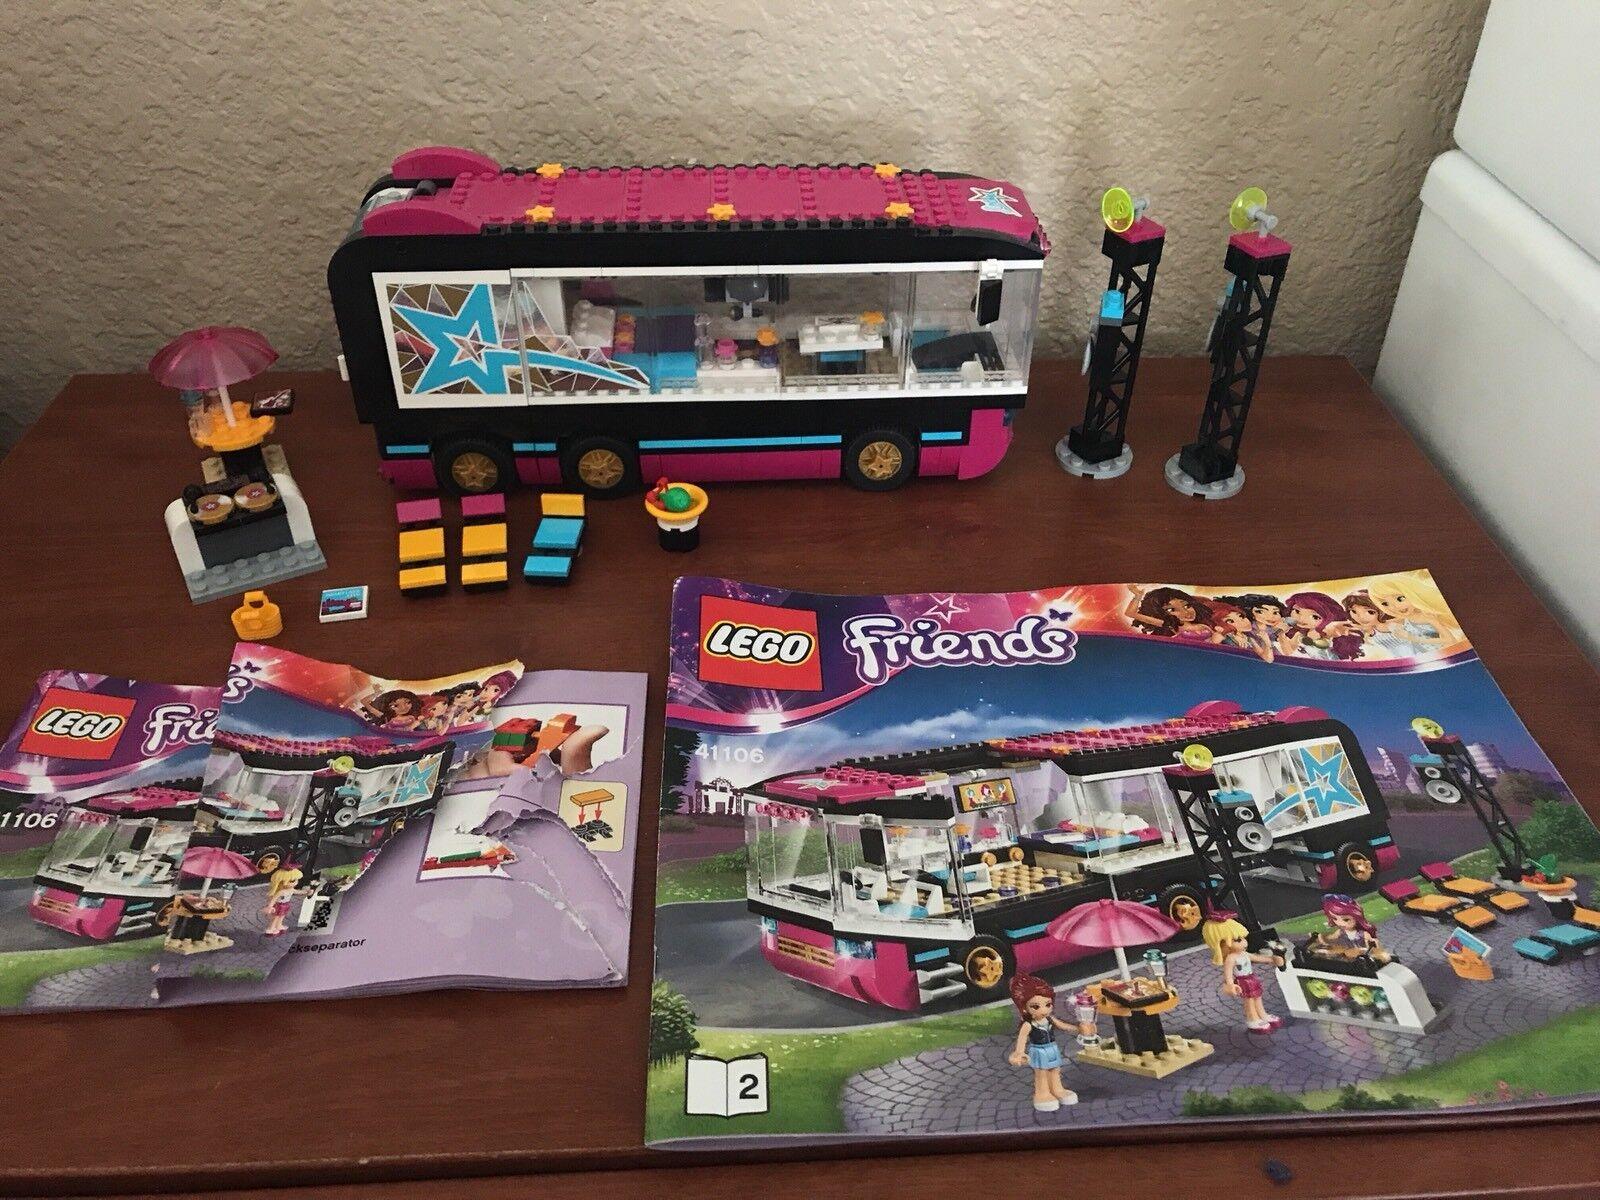 Lego Friends  41106 Pop Star Tour Bus Complete w/ Manual